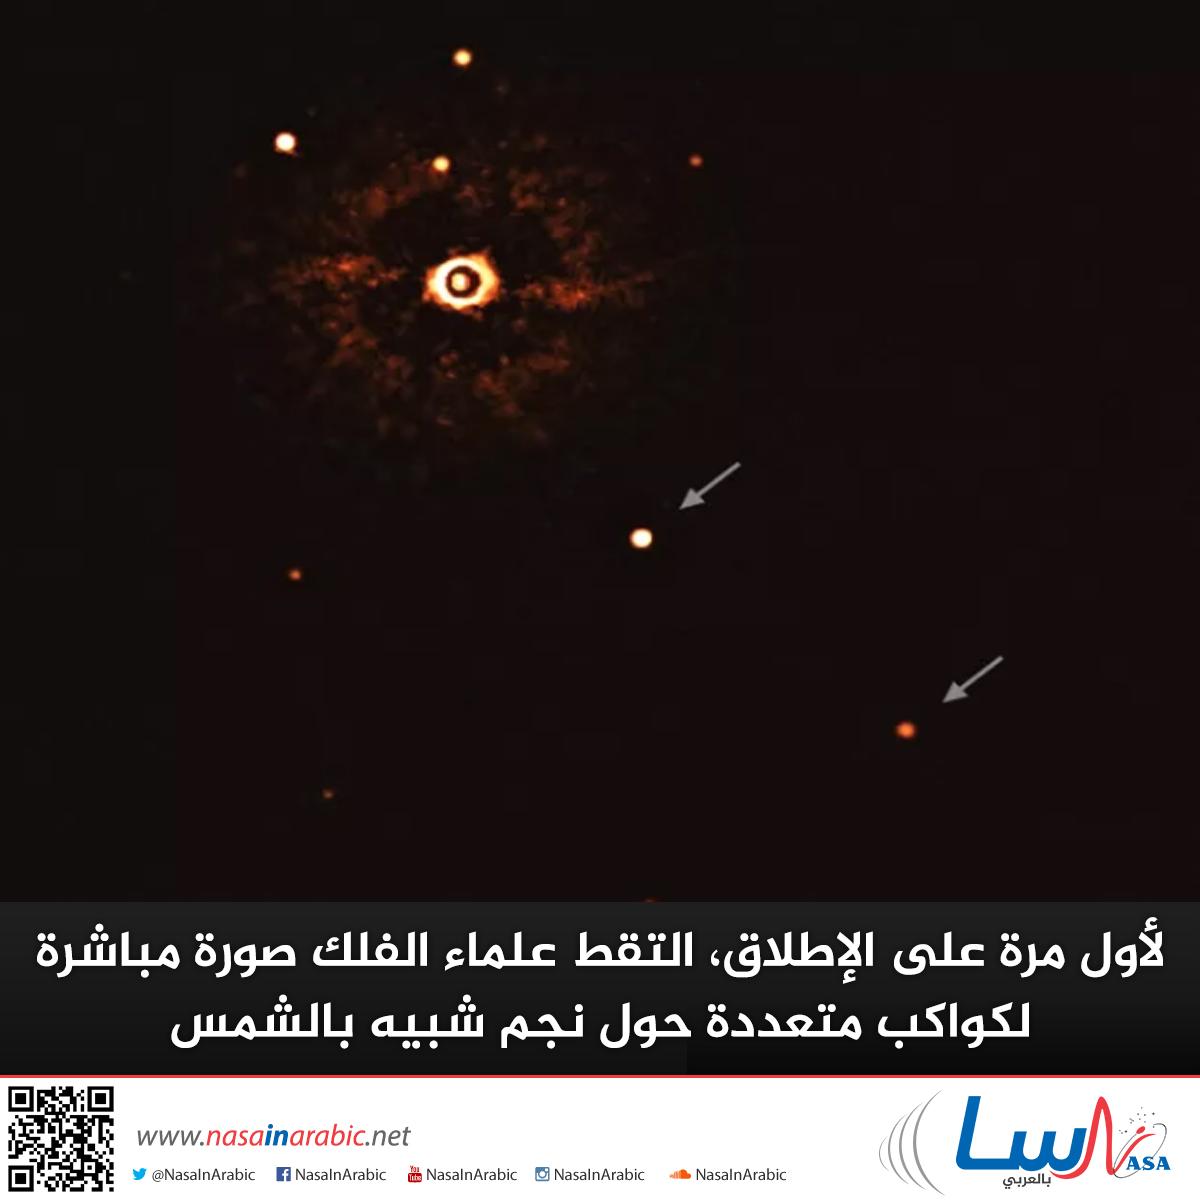 لأول مرة على الإطلاق، التقط علماء الفلك صورة مباشرة لكواكب متعددة حول نجم شبيه بالشمس